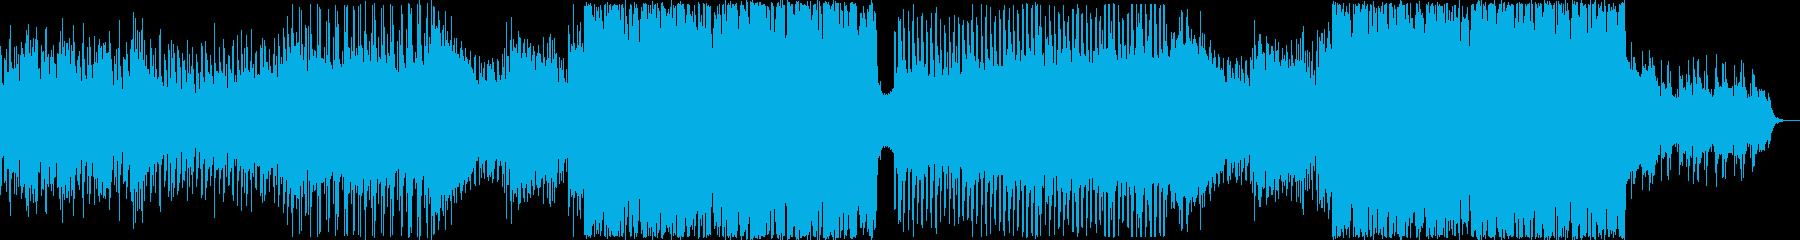 力強くも美しいストリングスメインEDMの再生済みの波形